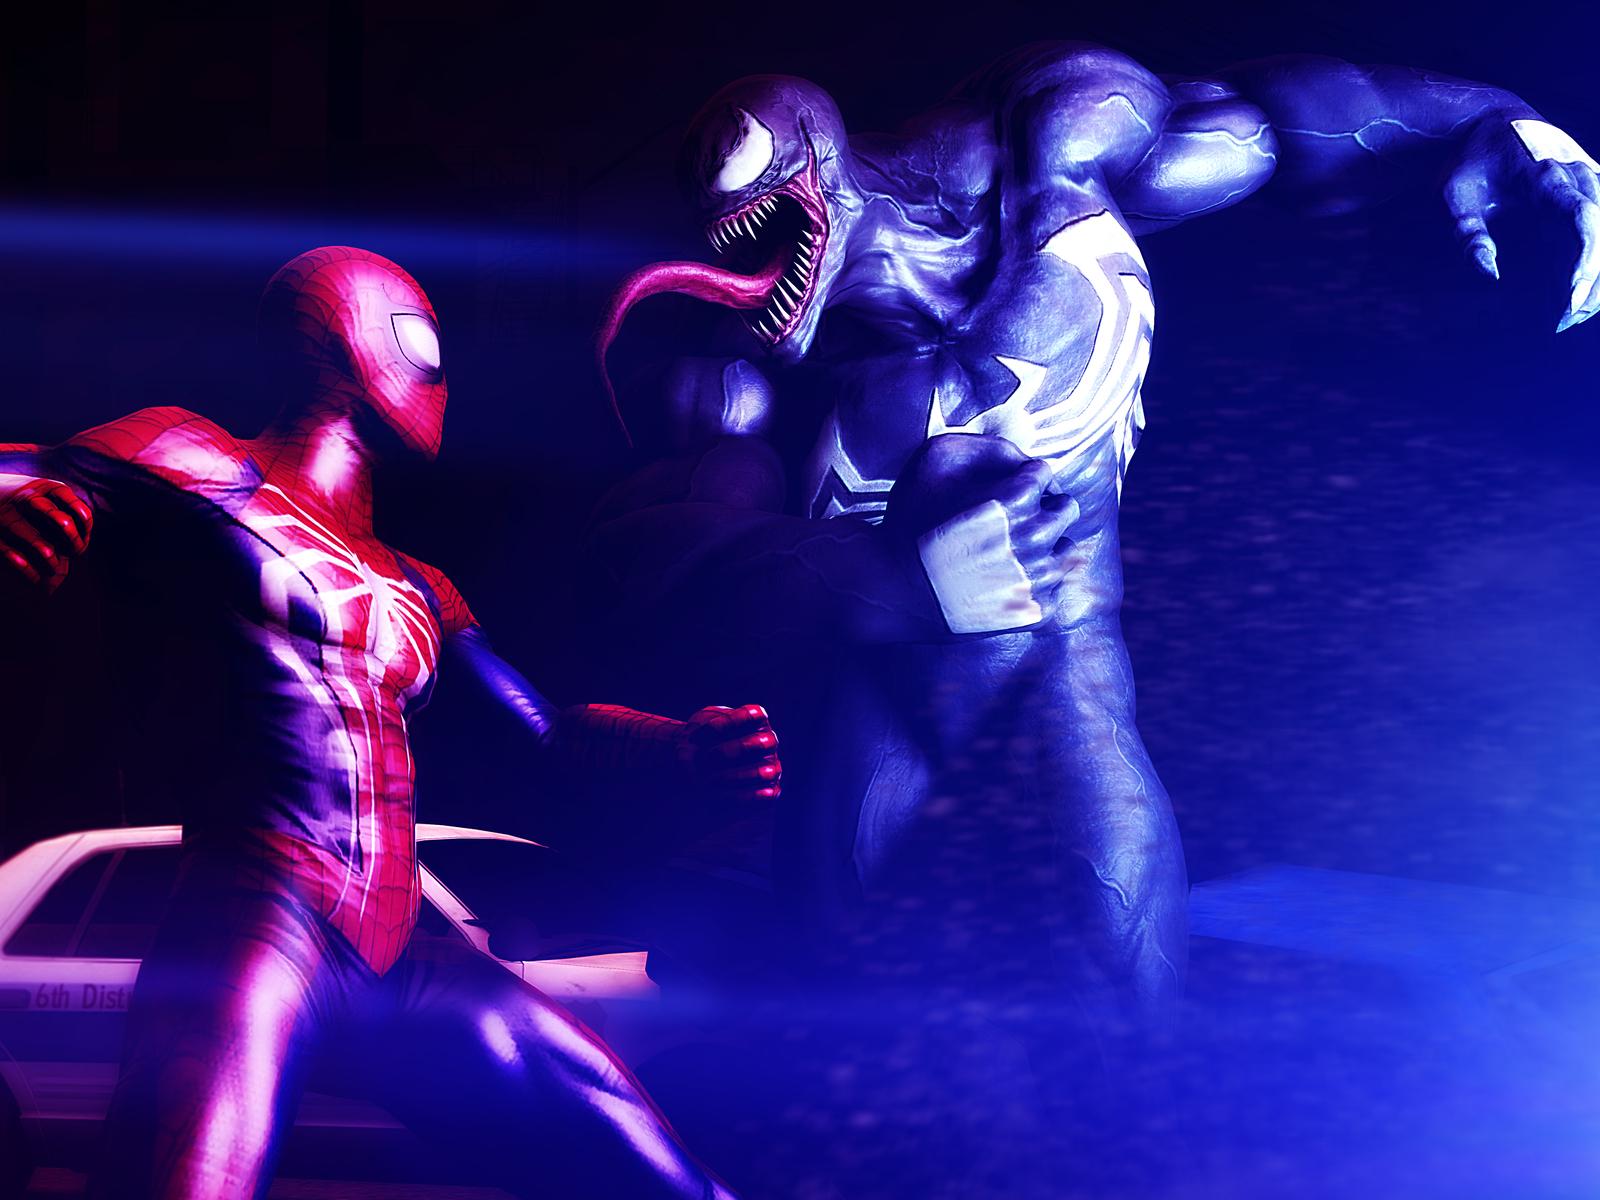 venom-vs-spiderman-5k-m1.jpg